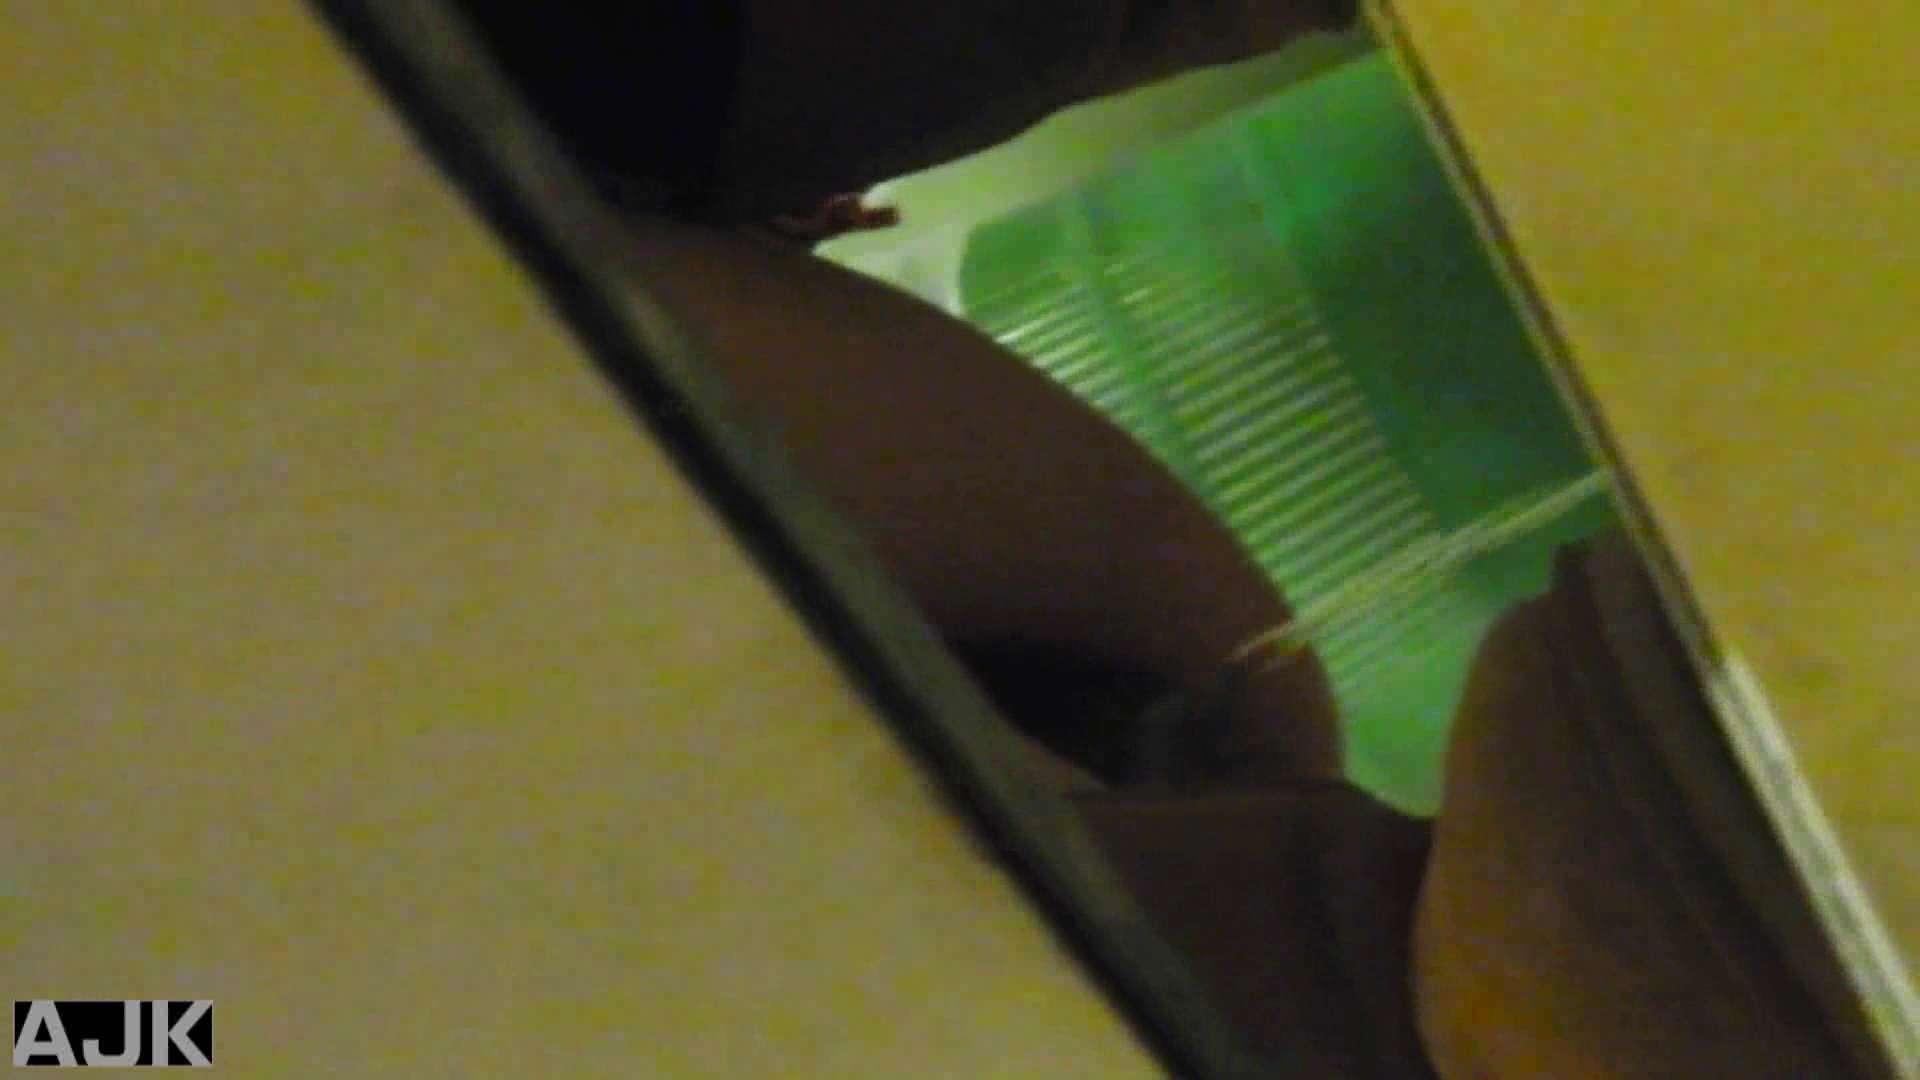 神降臨!史上最強の潜入かわや! vol.08 お色気美女 盗撮動画紹介 79枚 68